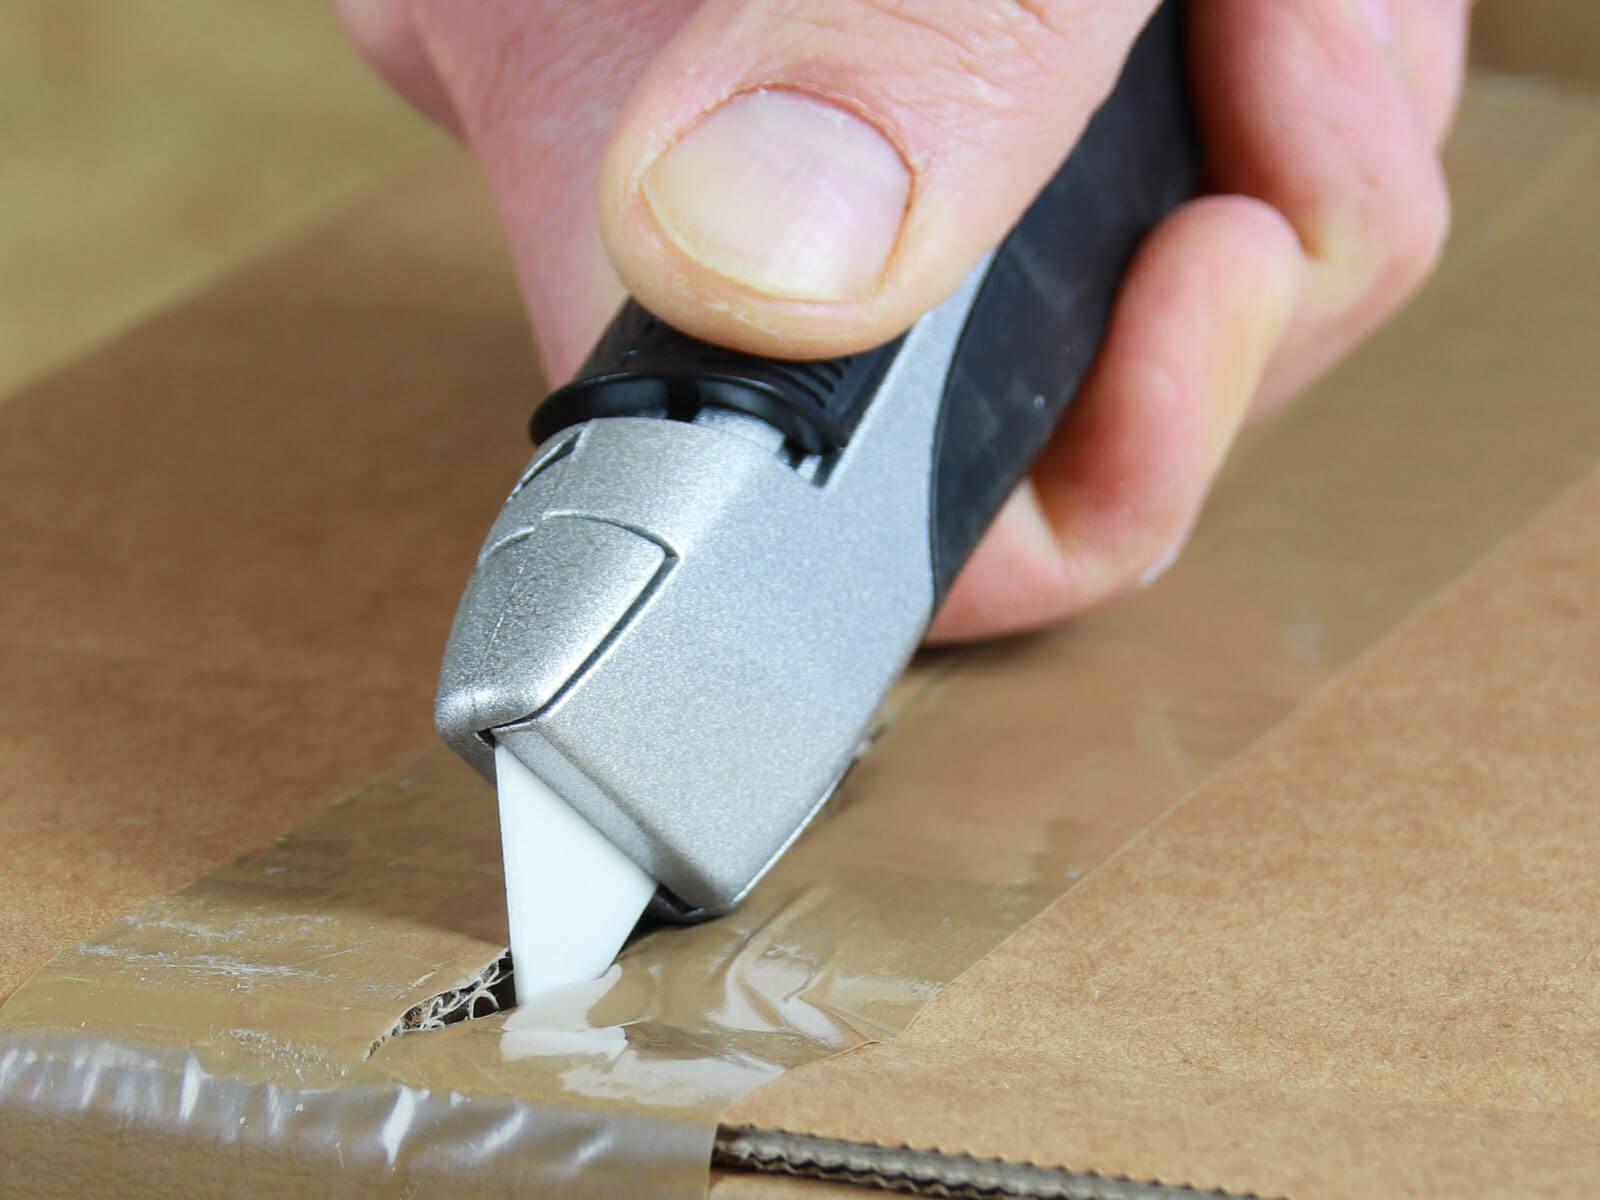 U004K Keramik Sicherheitsmesser vollautomatischer Klingenrückzug Klebeband schneiden CURT-tools